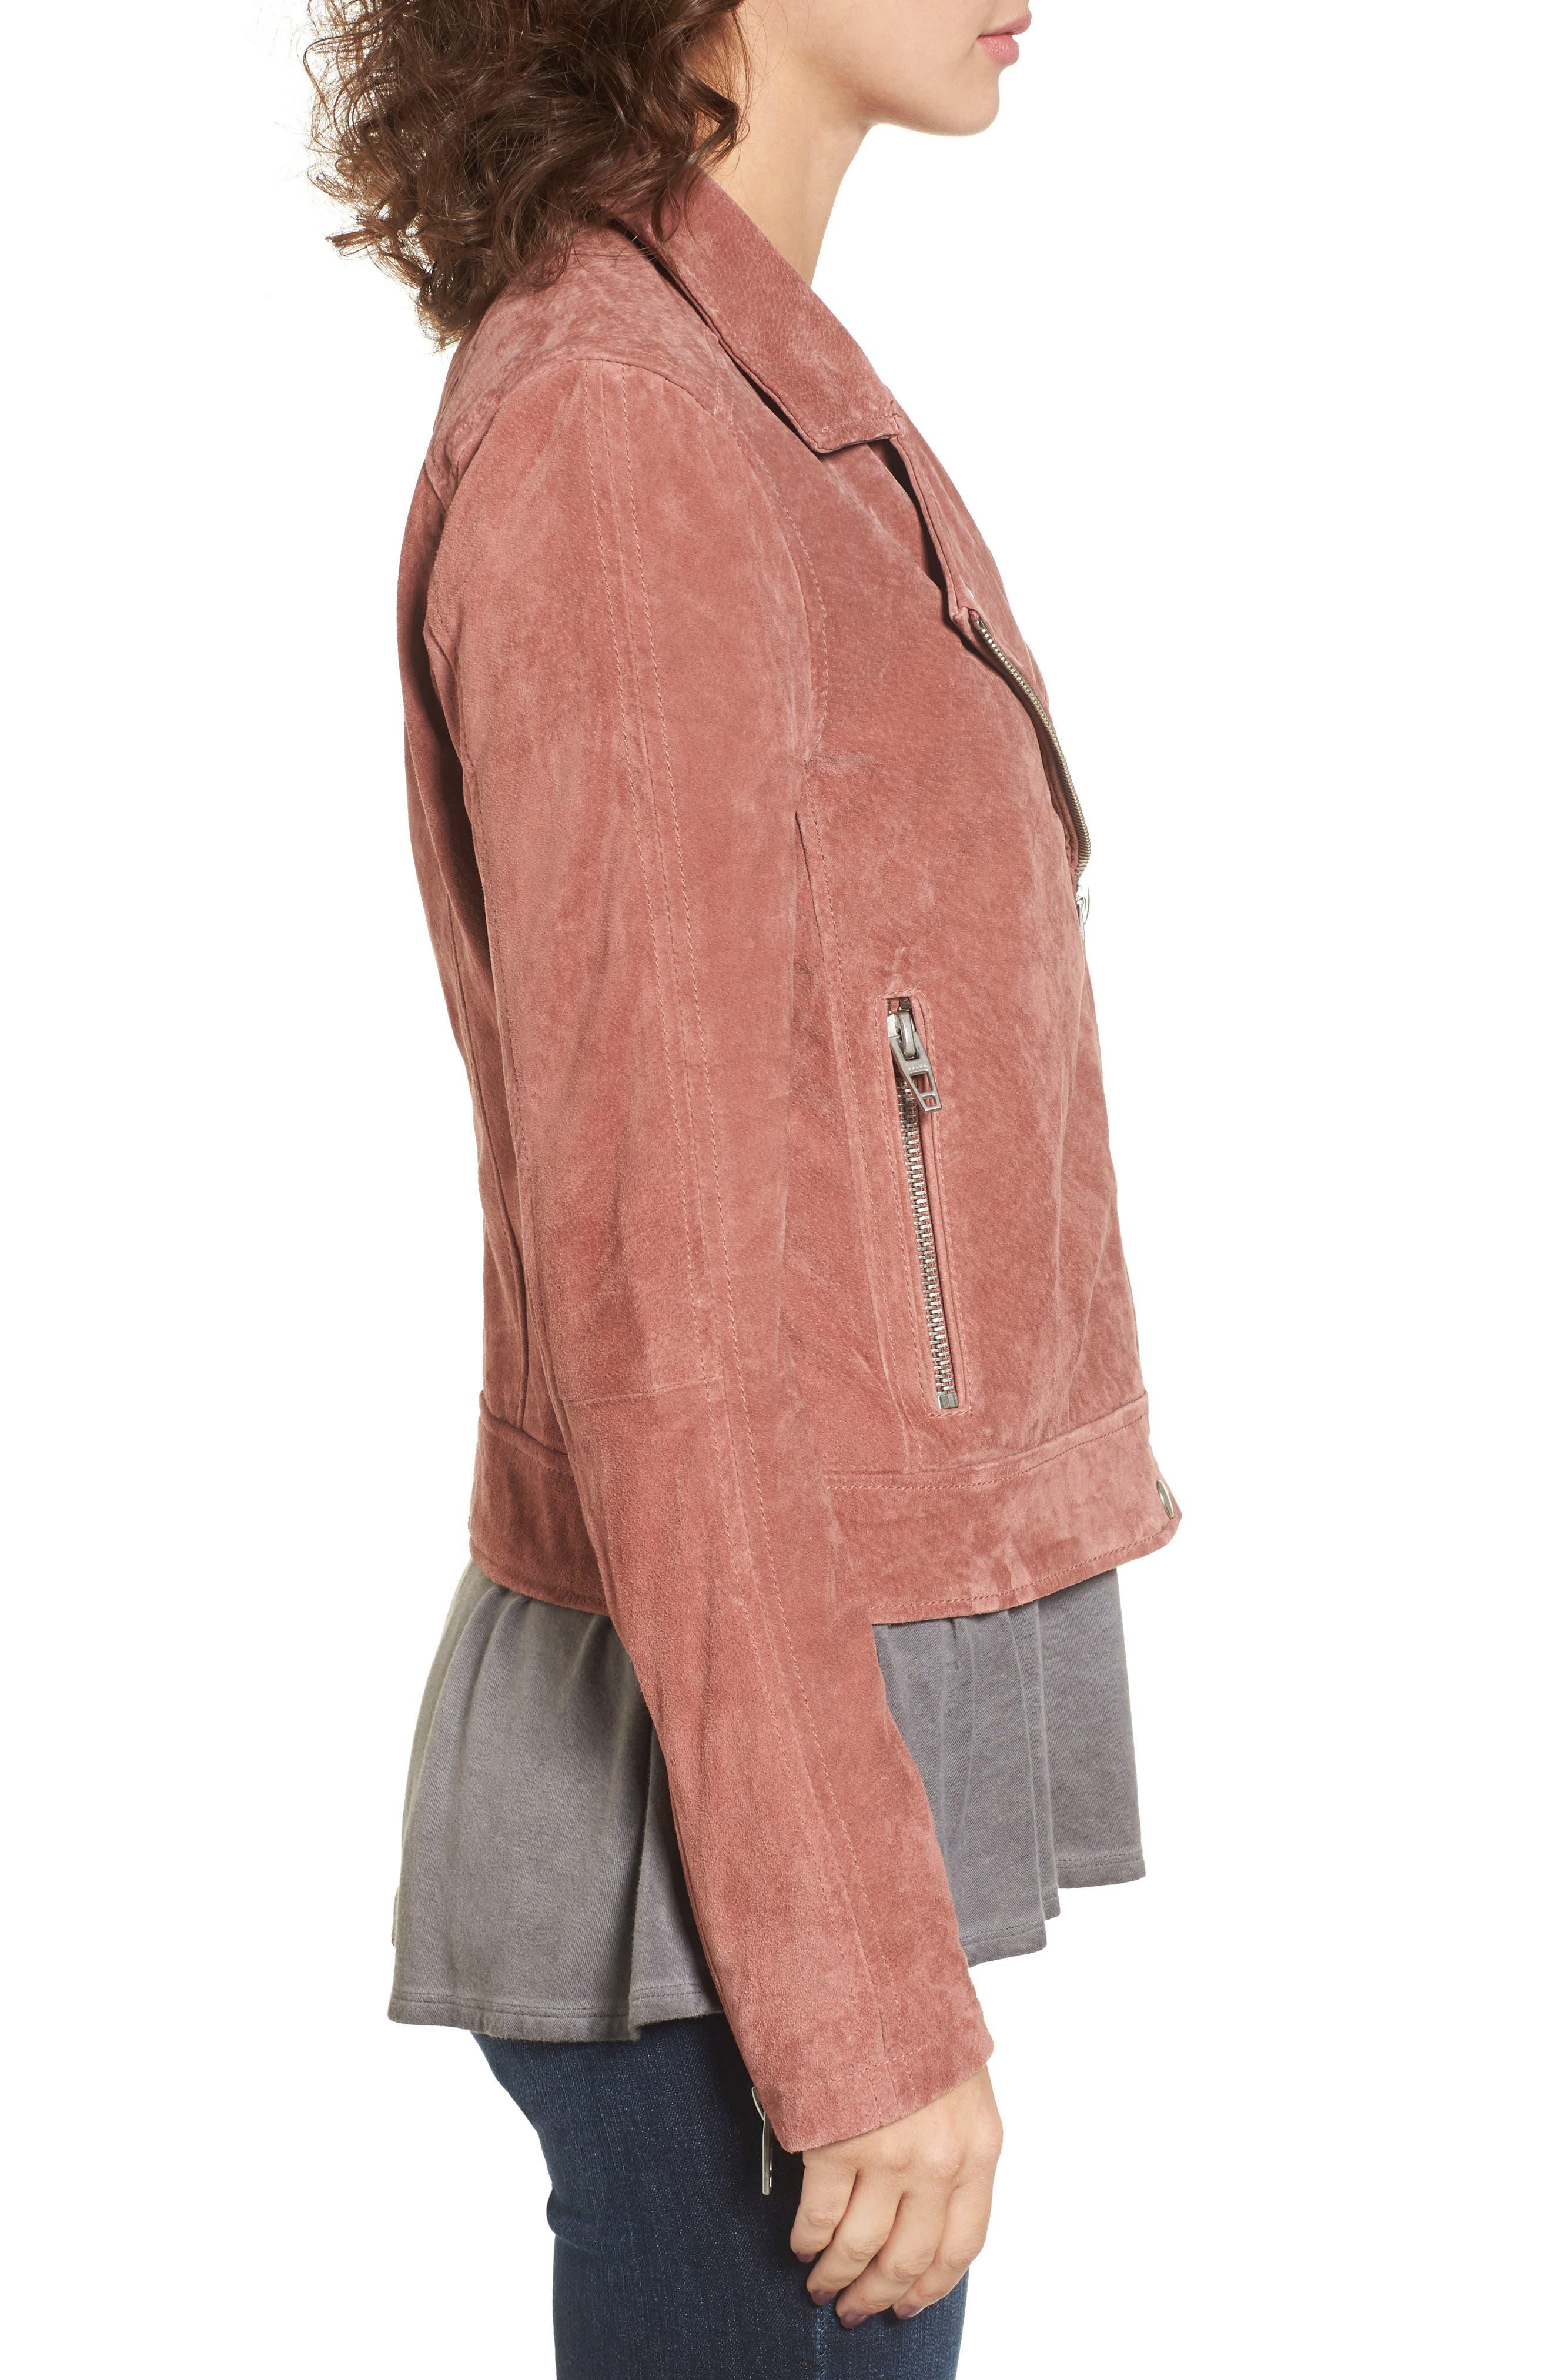 BLANKNYC, Suede Moto Jacket, Alternate thumbnail 4, color, 201